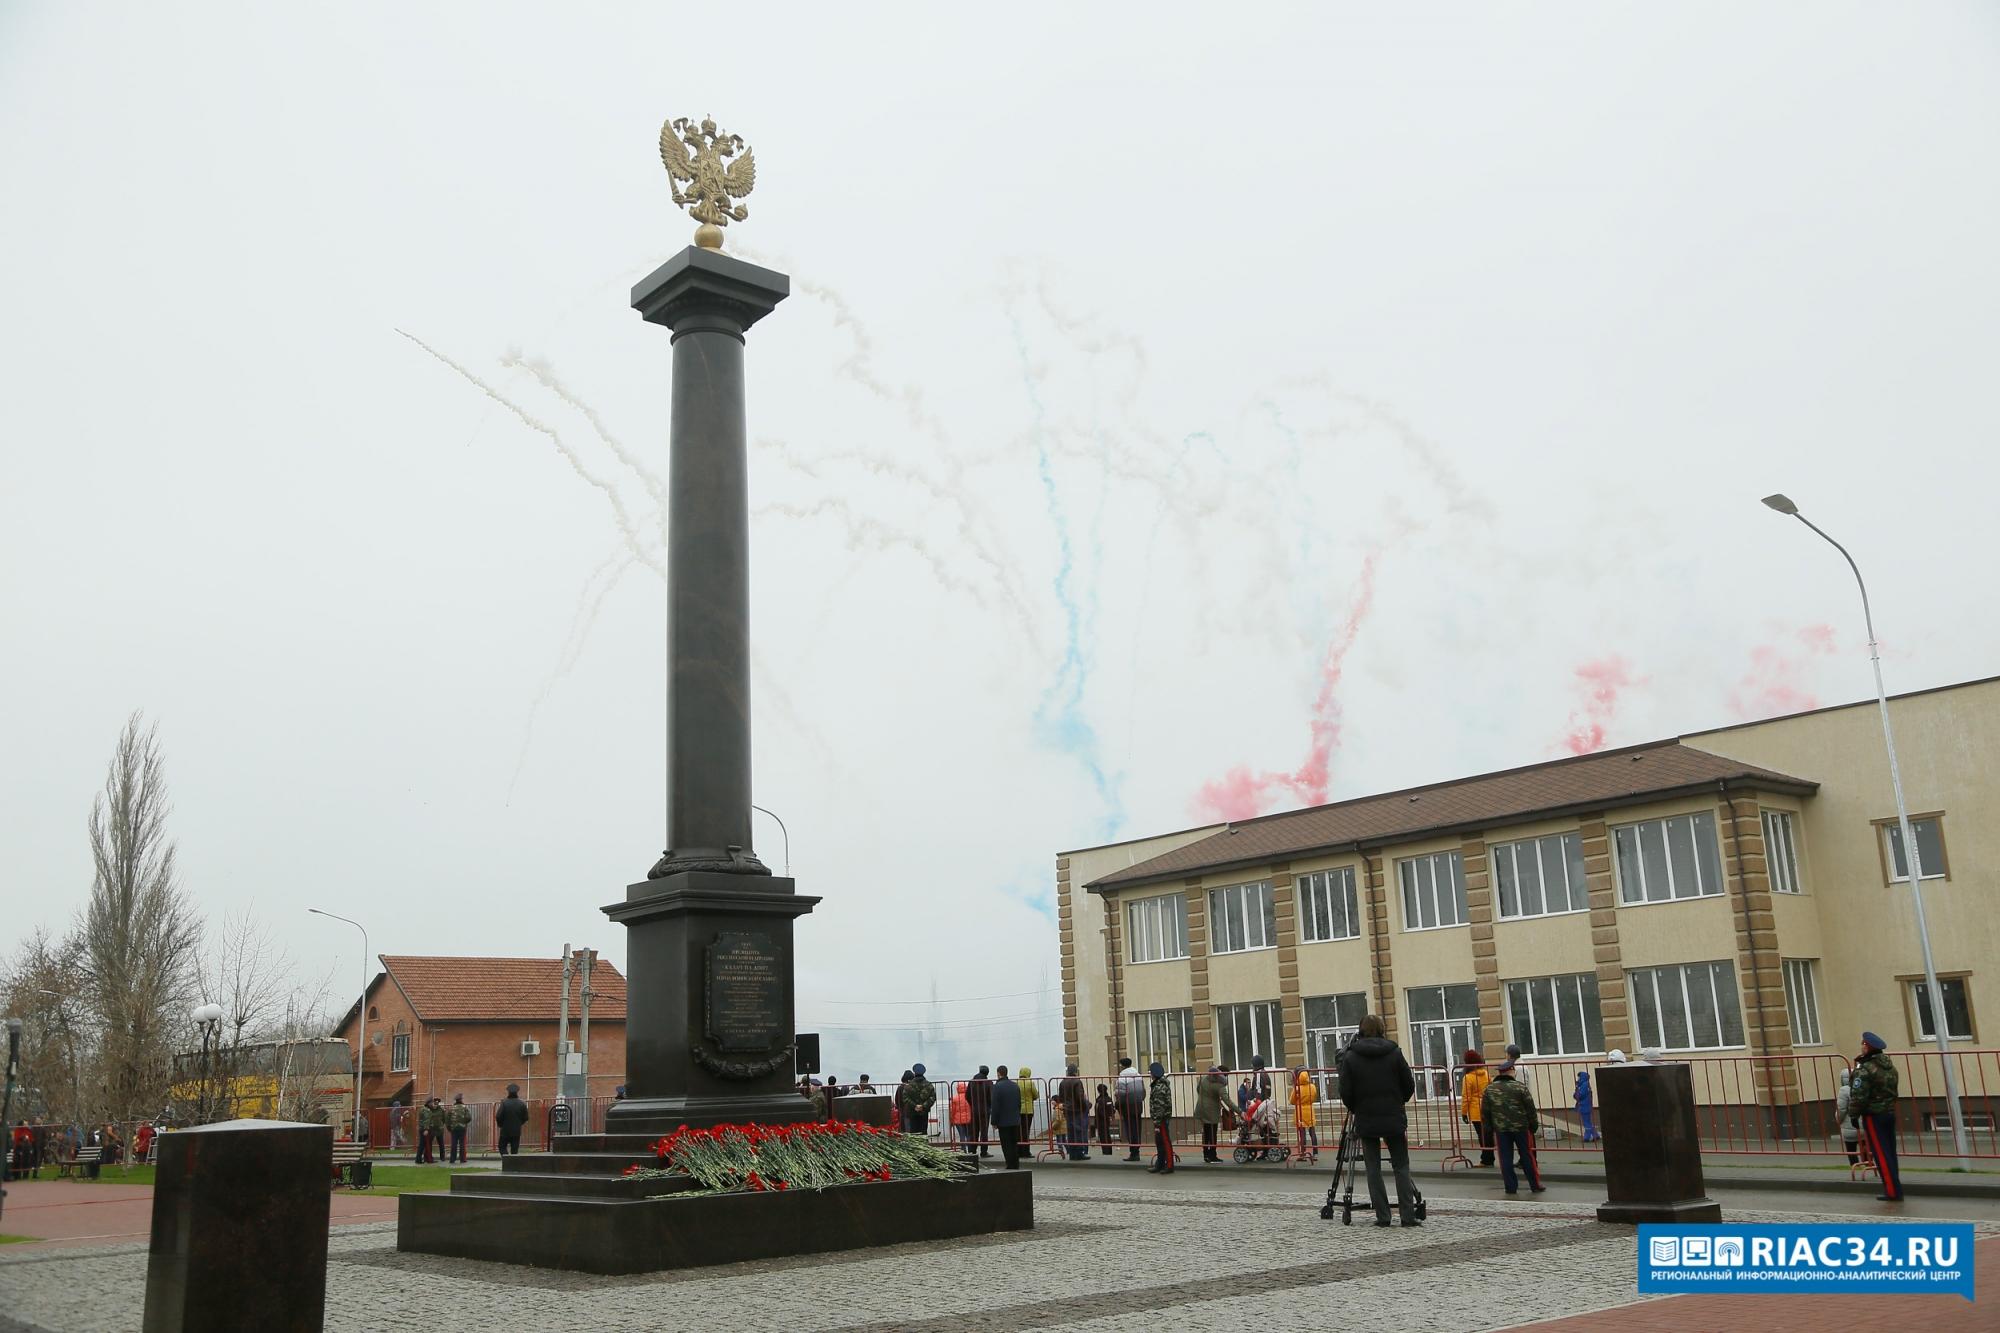 ВВолгоградской области пройдут мероприятия, приуроченные к75-летию контрнаступления